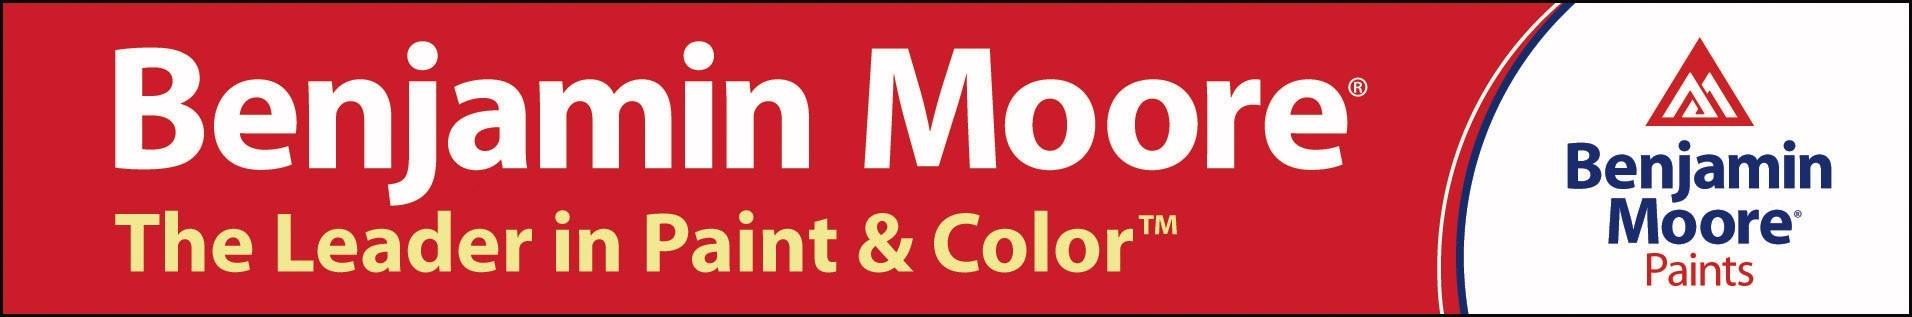 benjamin-moore-logo.jpg